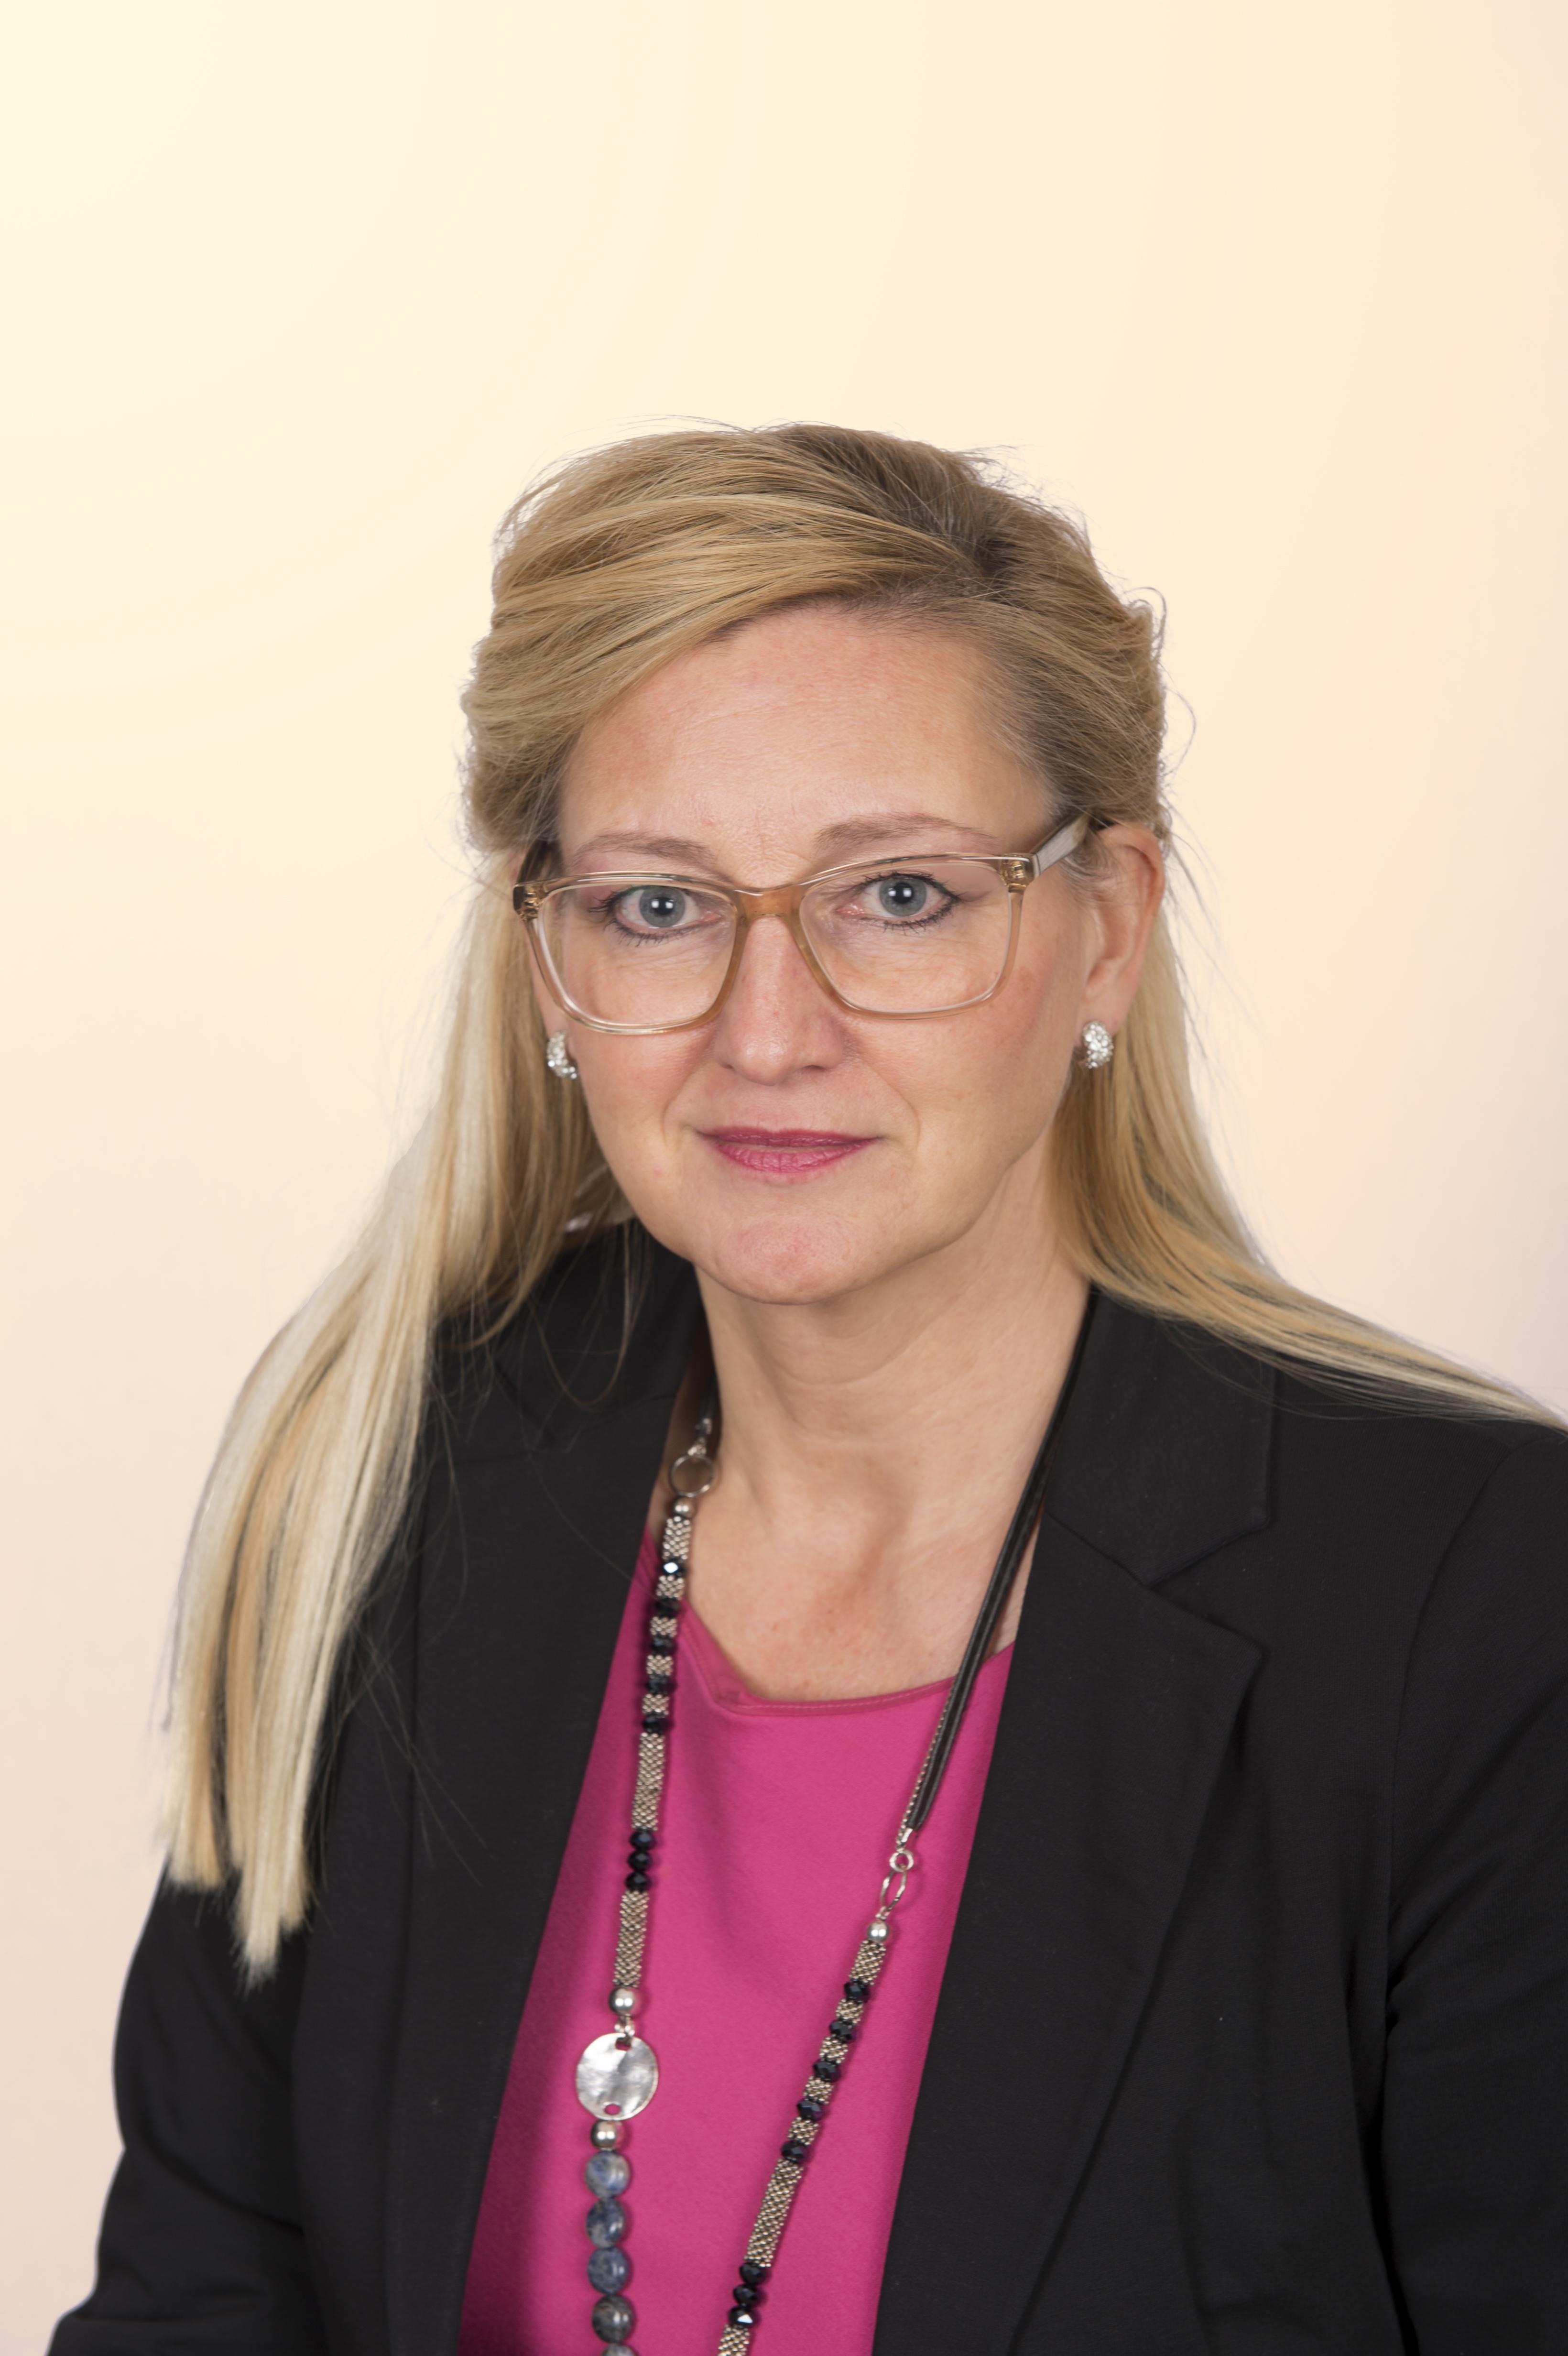 Astrid Vogel